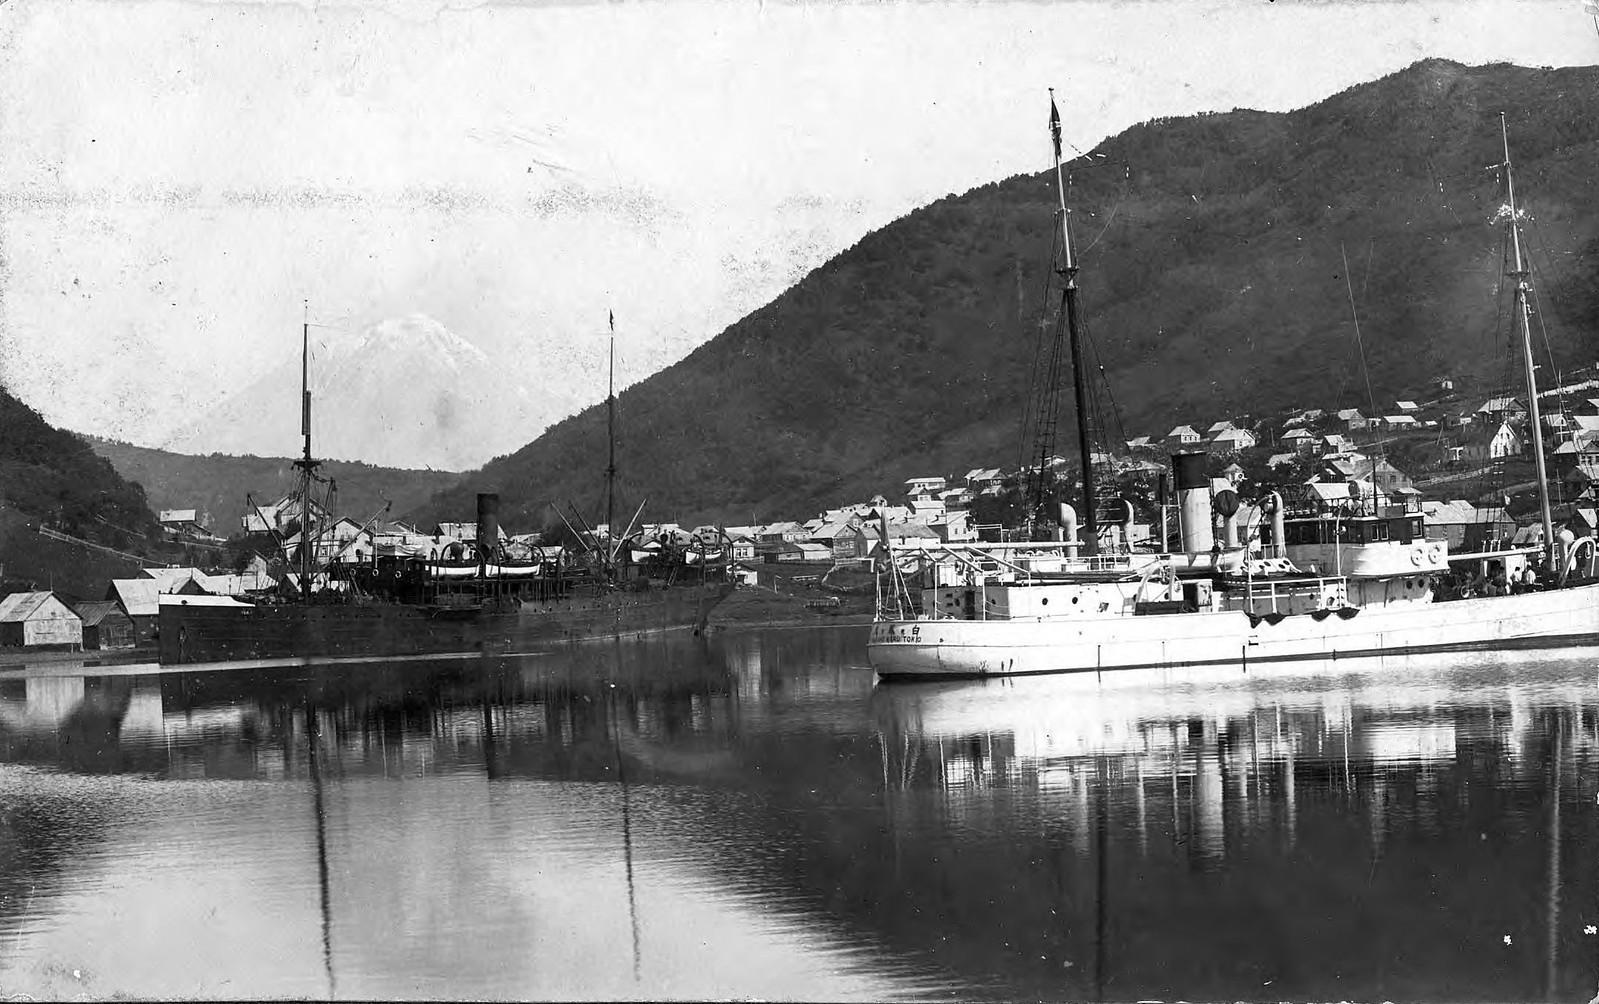 1910. Вид с моря, у берега Петропавловской гавани стоят суда, одно из них японское.